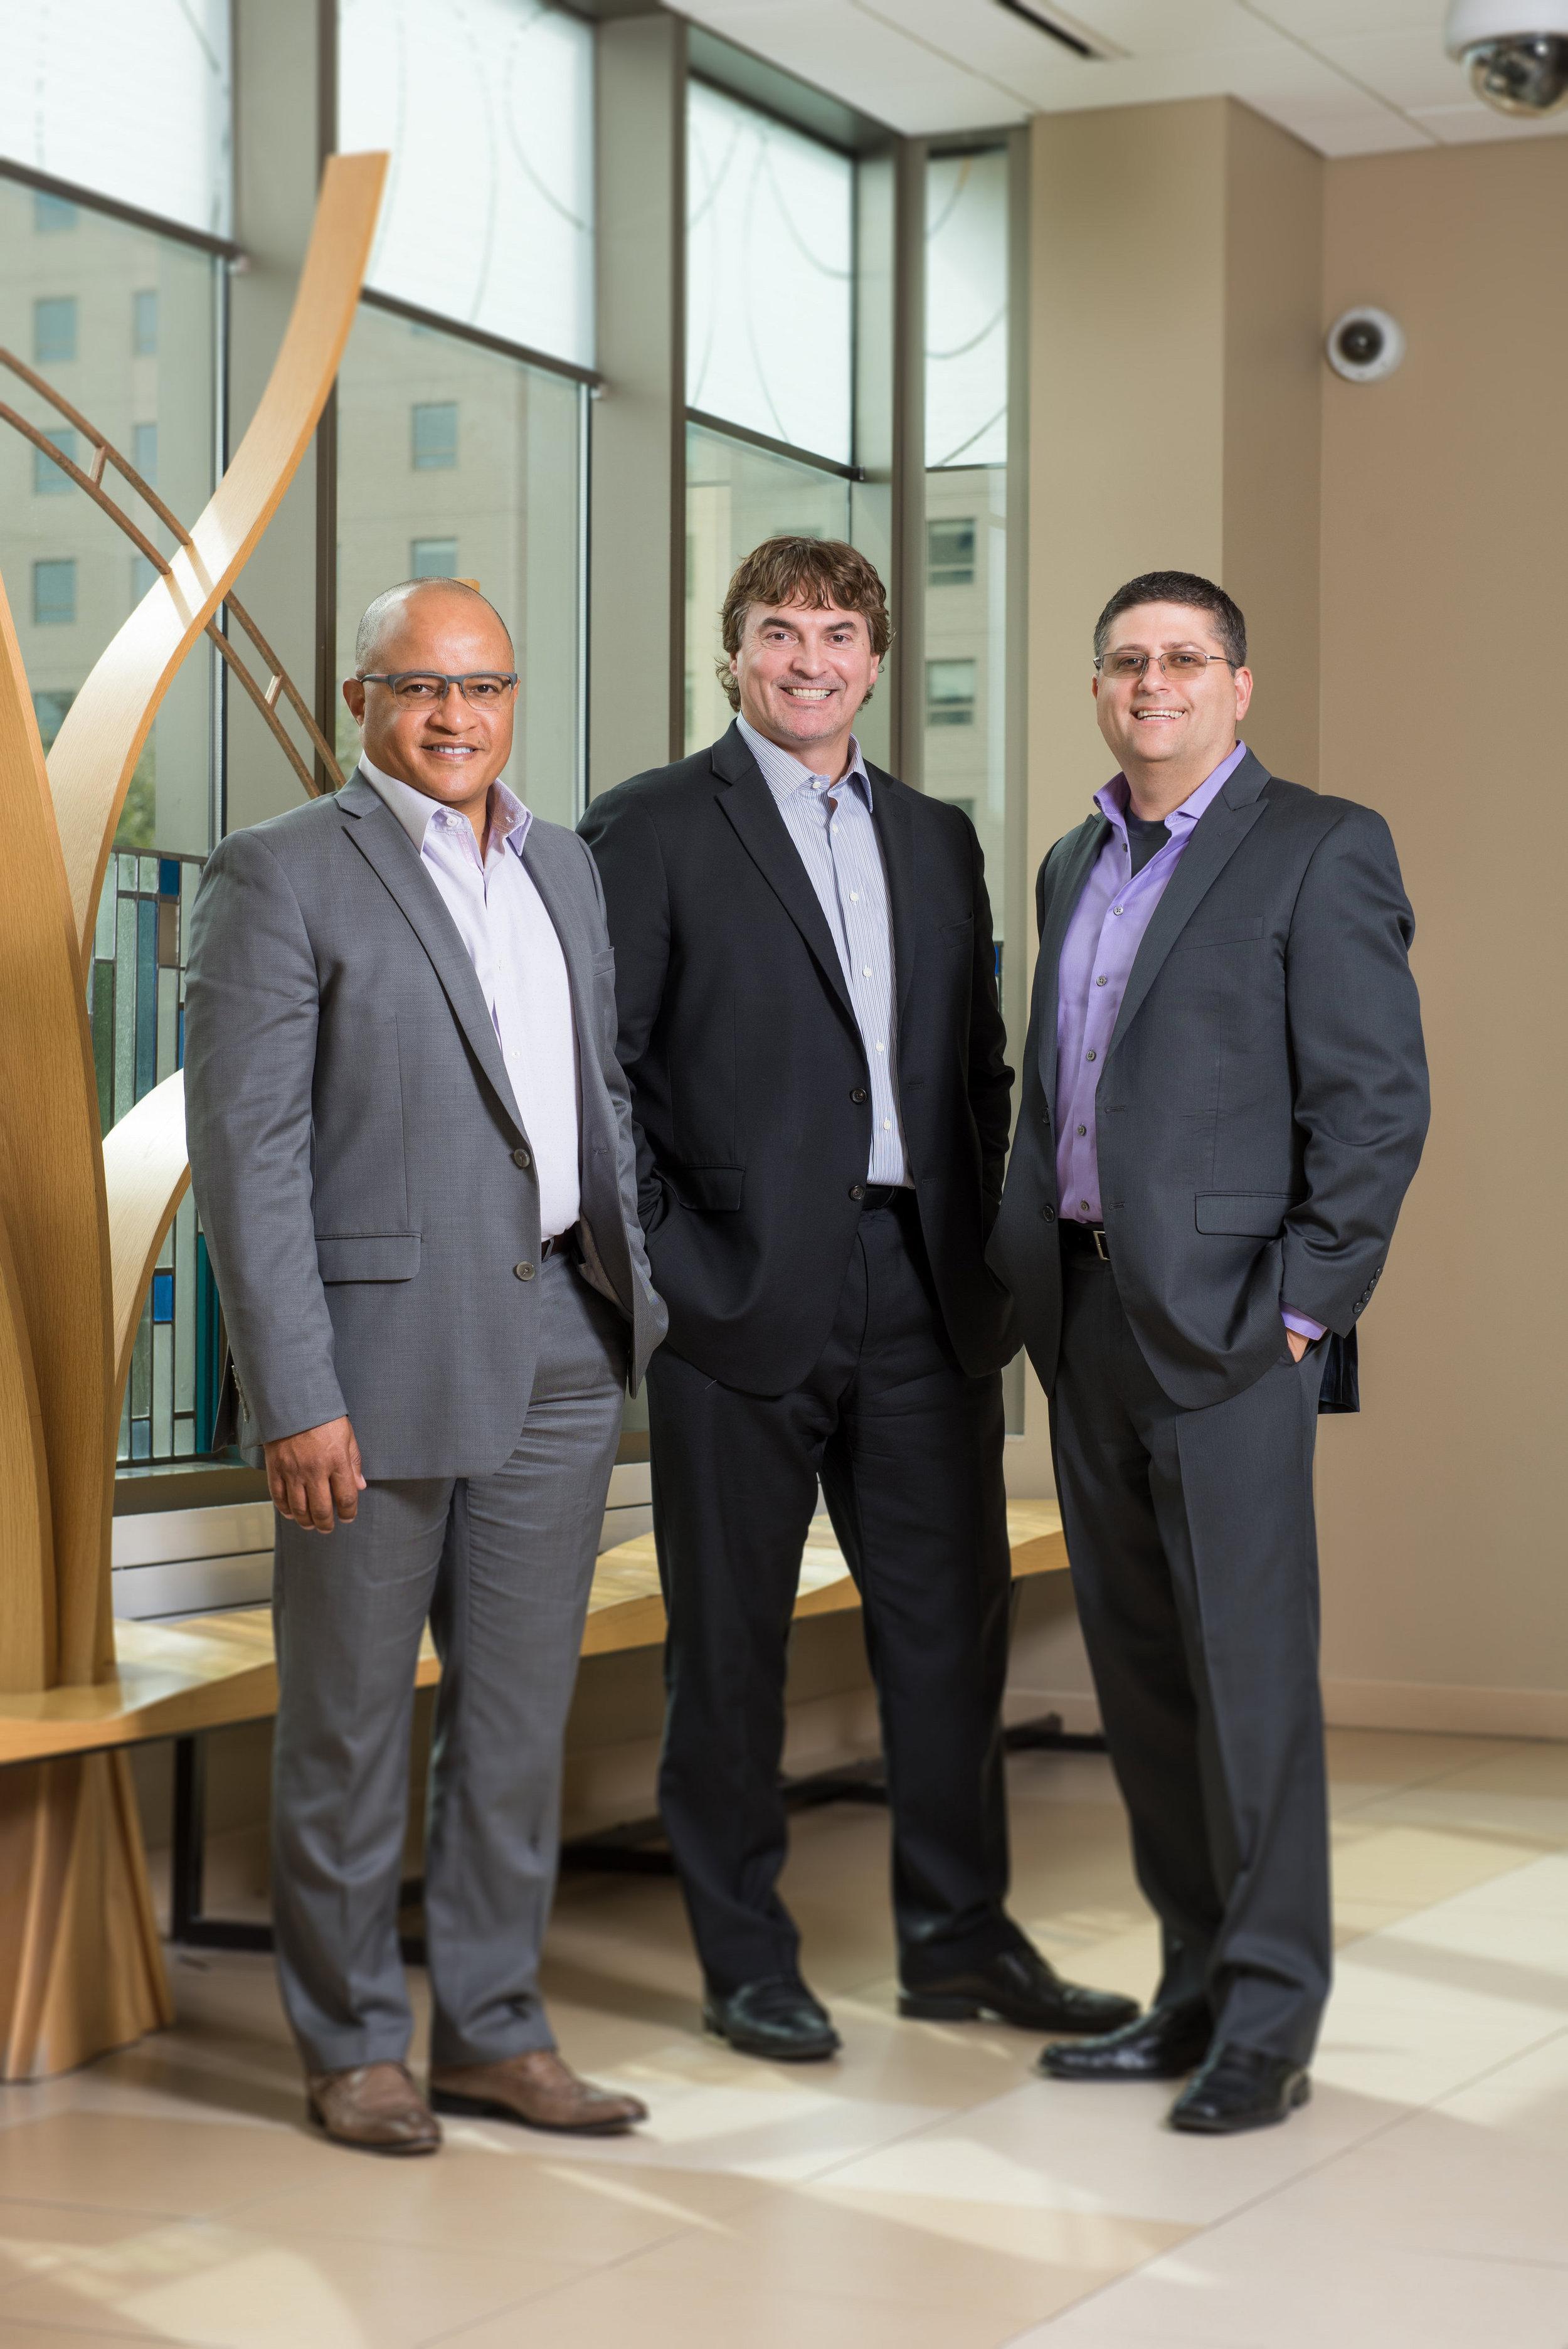 Sonex leadership team. From left to right: Darryl Barnes, Jay Smith, and Aaron Keenan.  Photo courtesy of Sonex Health.